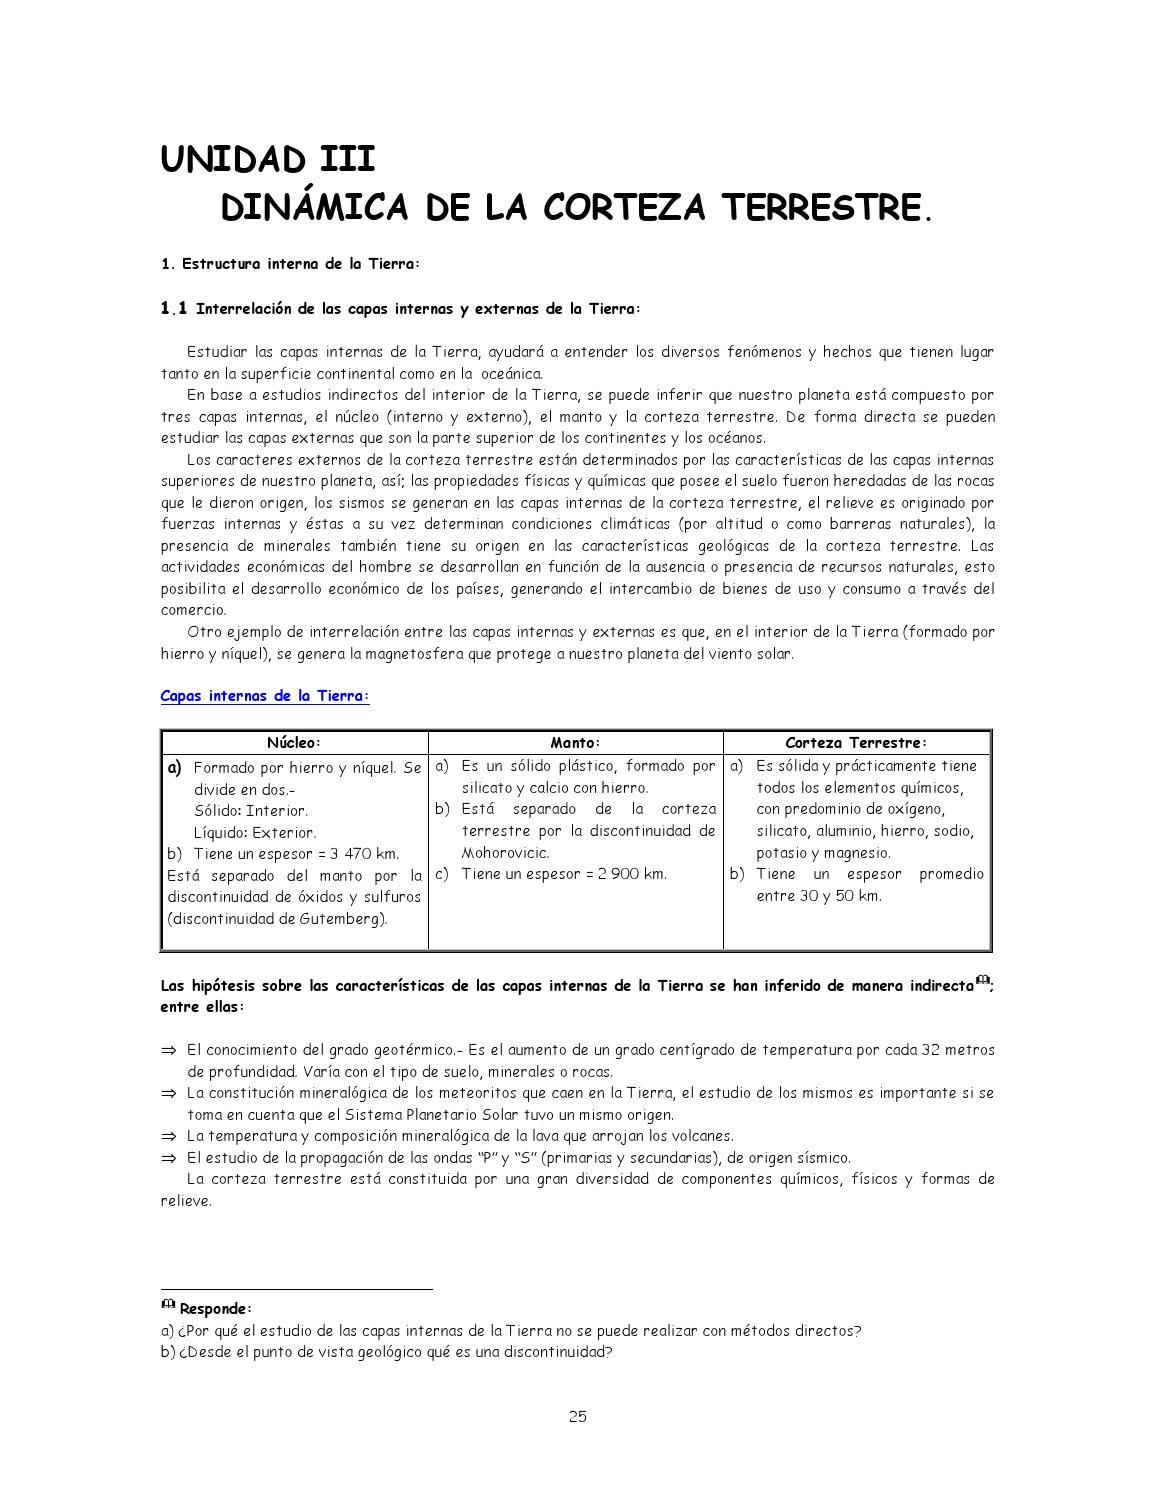 3 La Corteza Terrestre By César Vaca Issuu